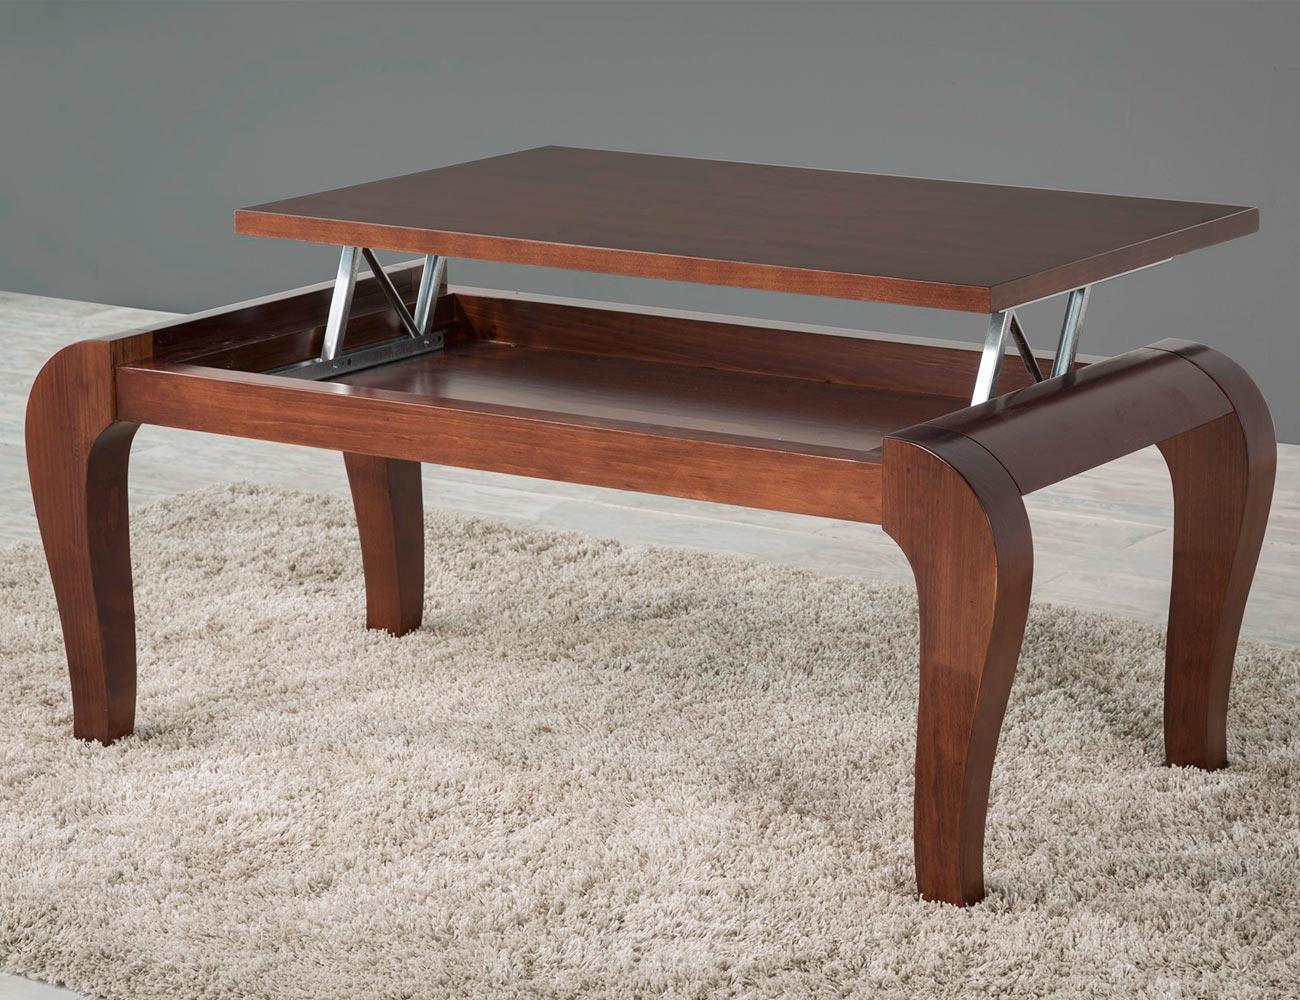 H 63 mesa centro pata isabelina tapa elevable madera2